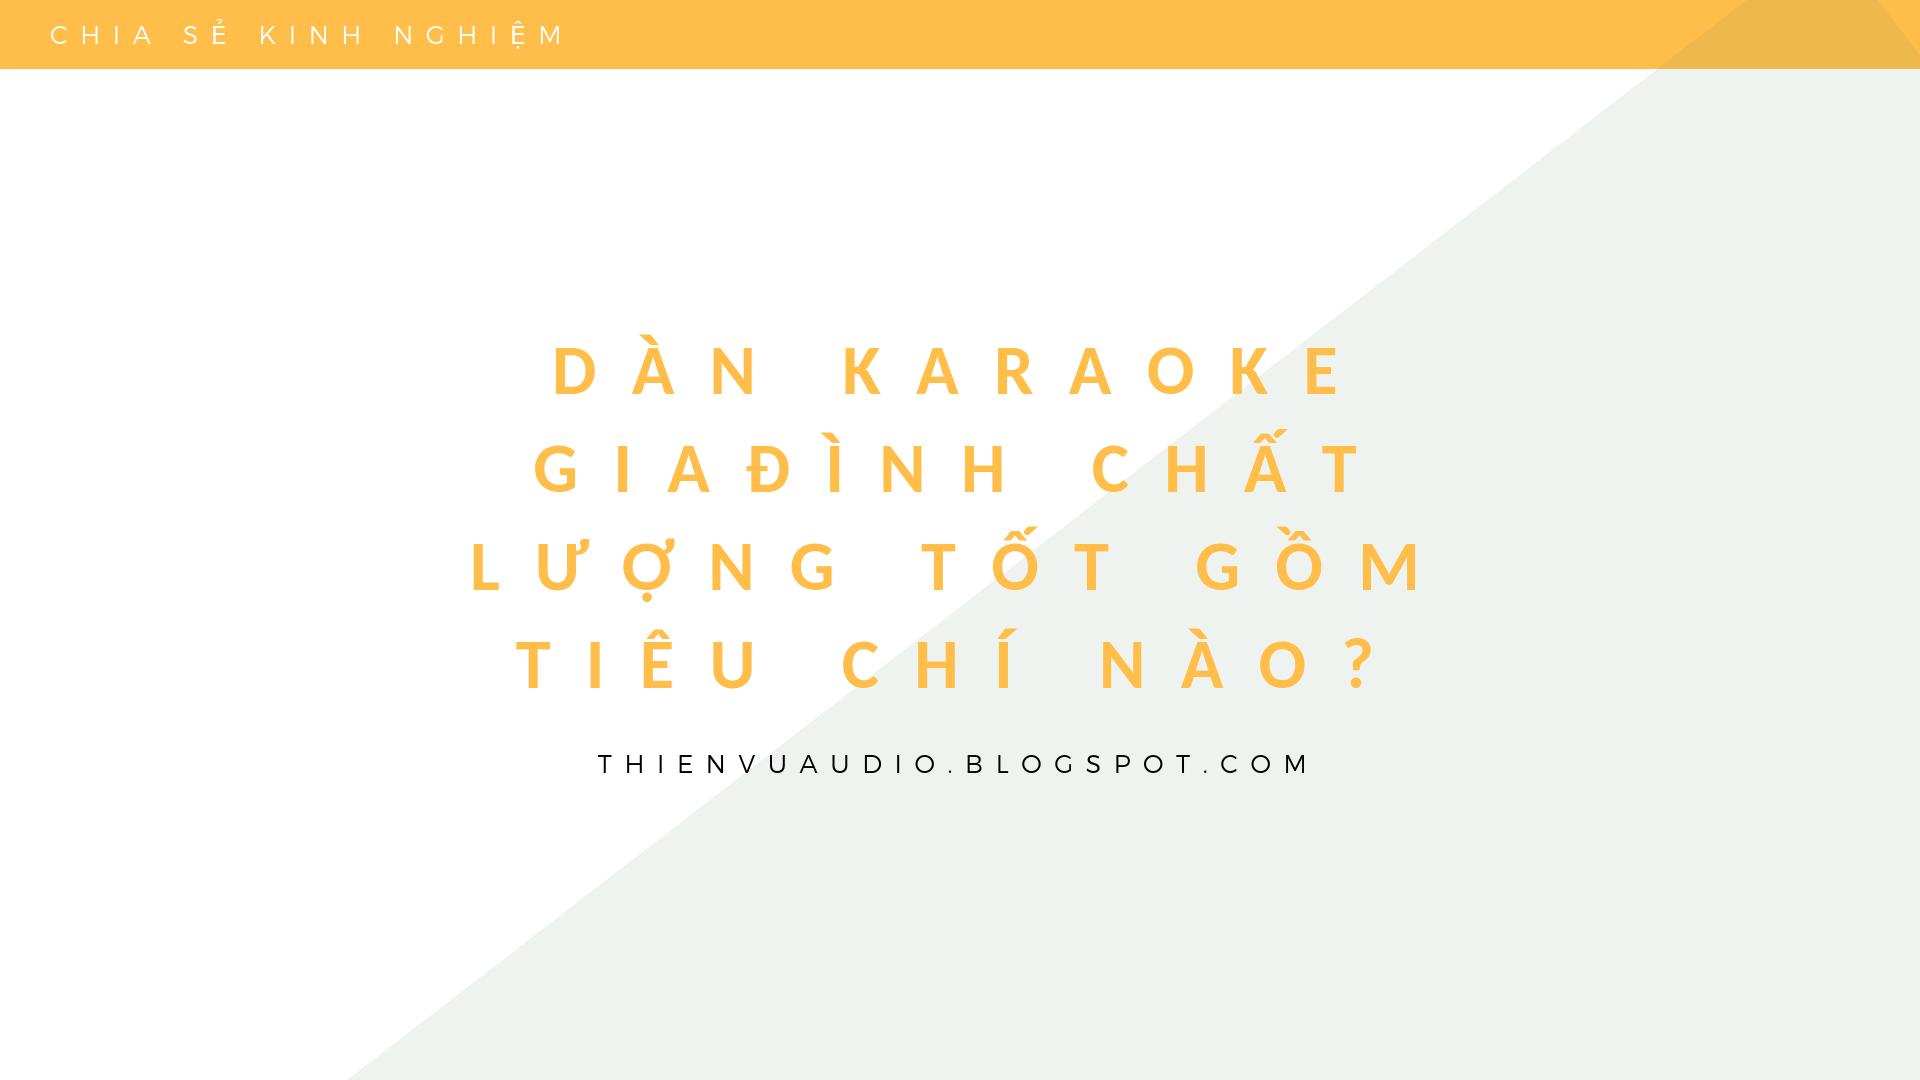 dàn karaoke gia đình chất lượng là gồm những gì?